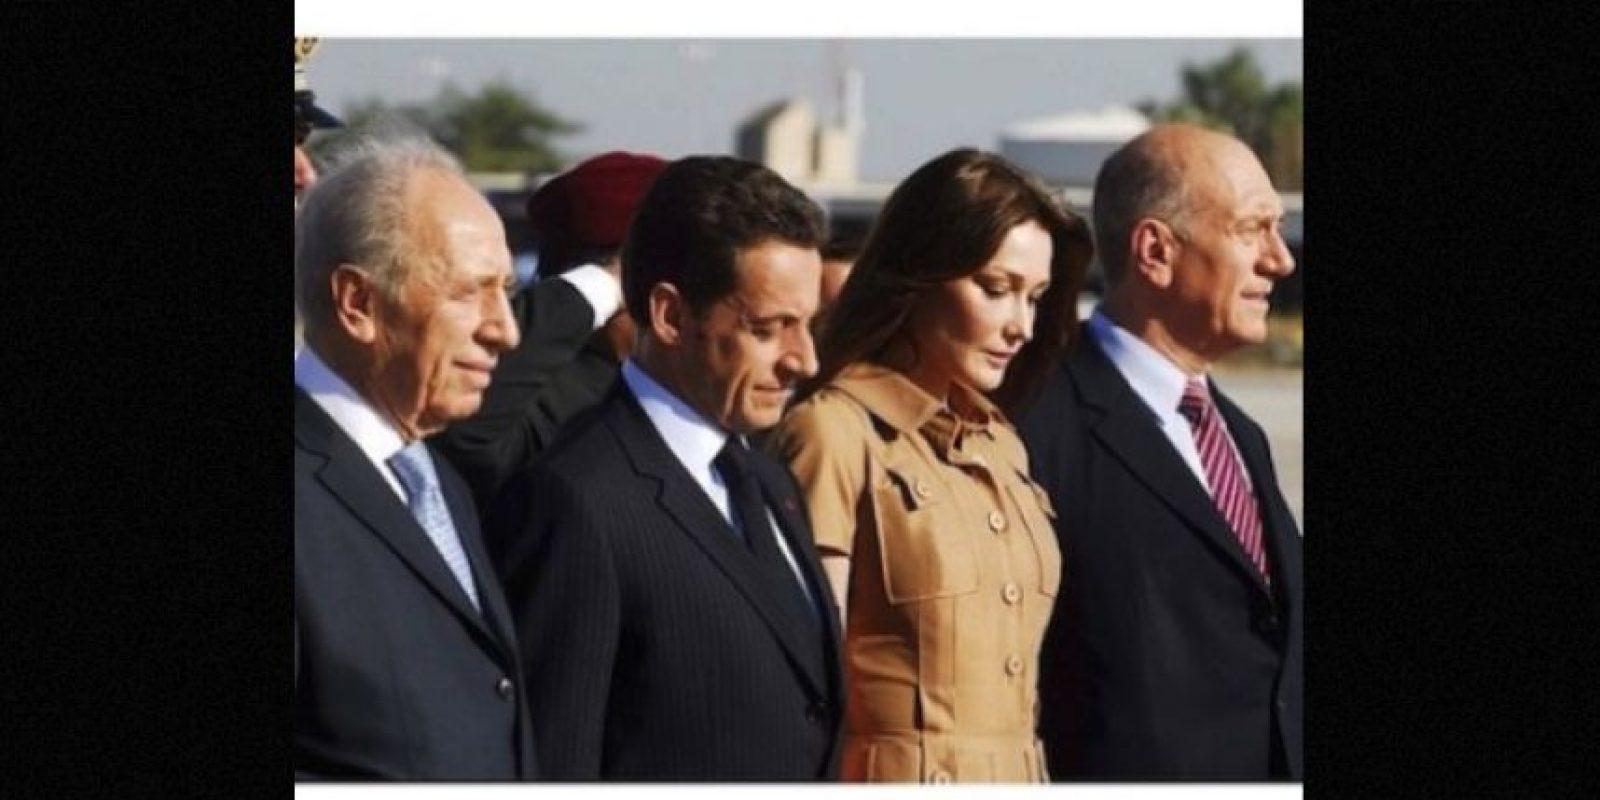 La cantante y modelo italo francesa, Carla Bruni, está casada desde el año 2008 con el expresidente de Francia, Nicolás Sarkozy. Foto: Instagram.com/carlasarkozy/